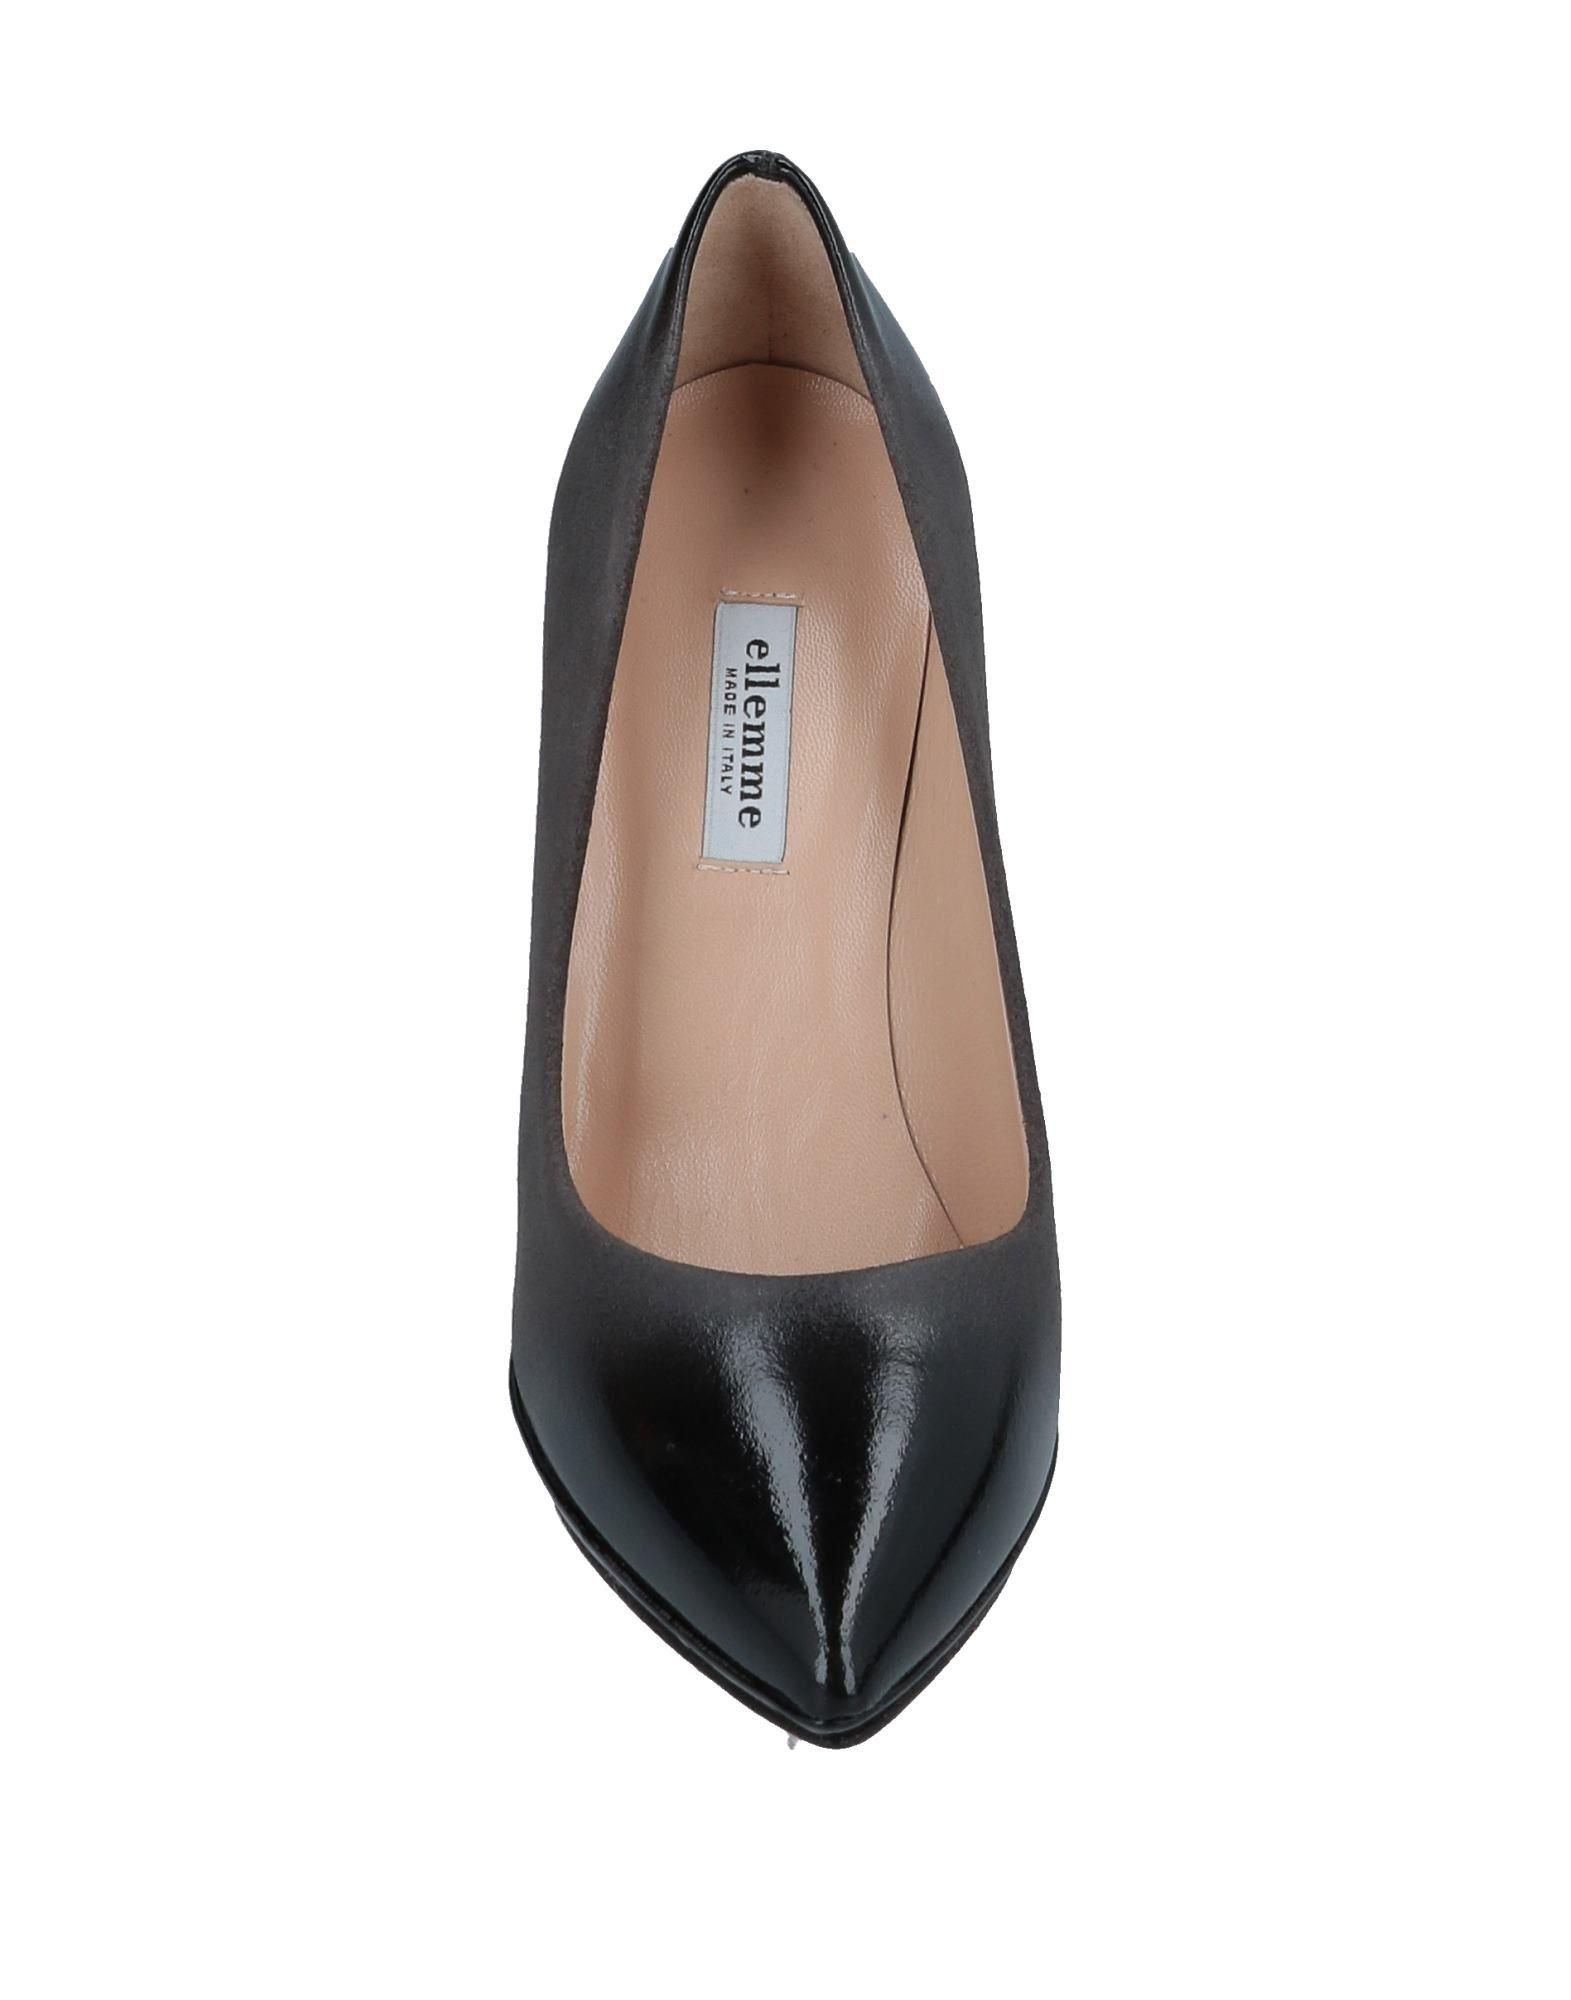 Ellemme Gute Pumps Damen  11546650UJ Gute Ellemme Qualität beliebte Schuhe afa750